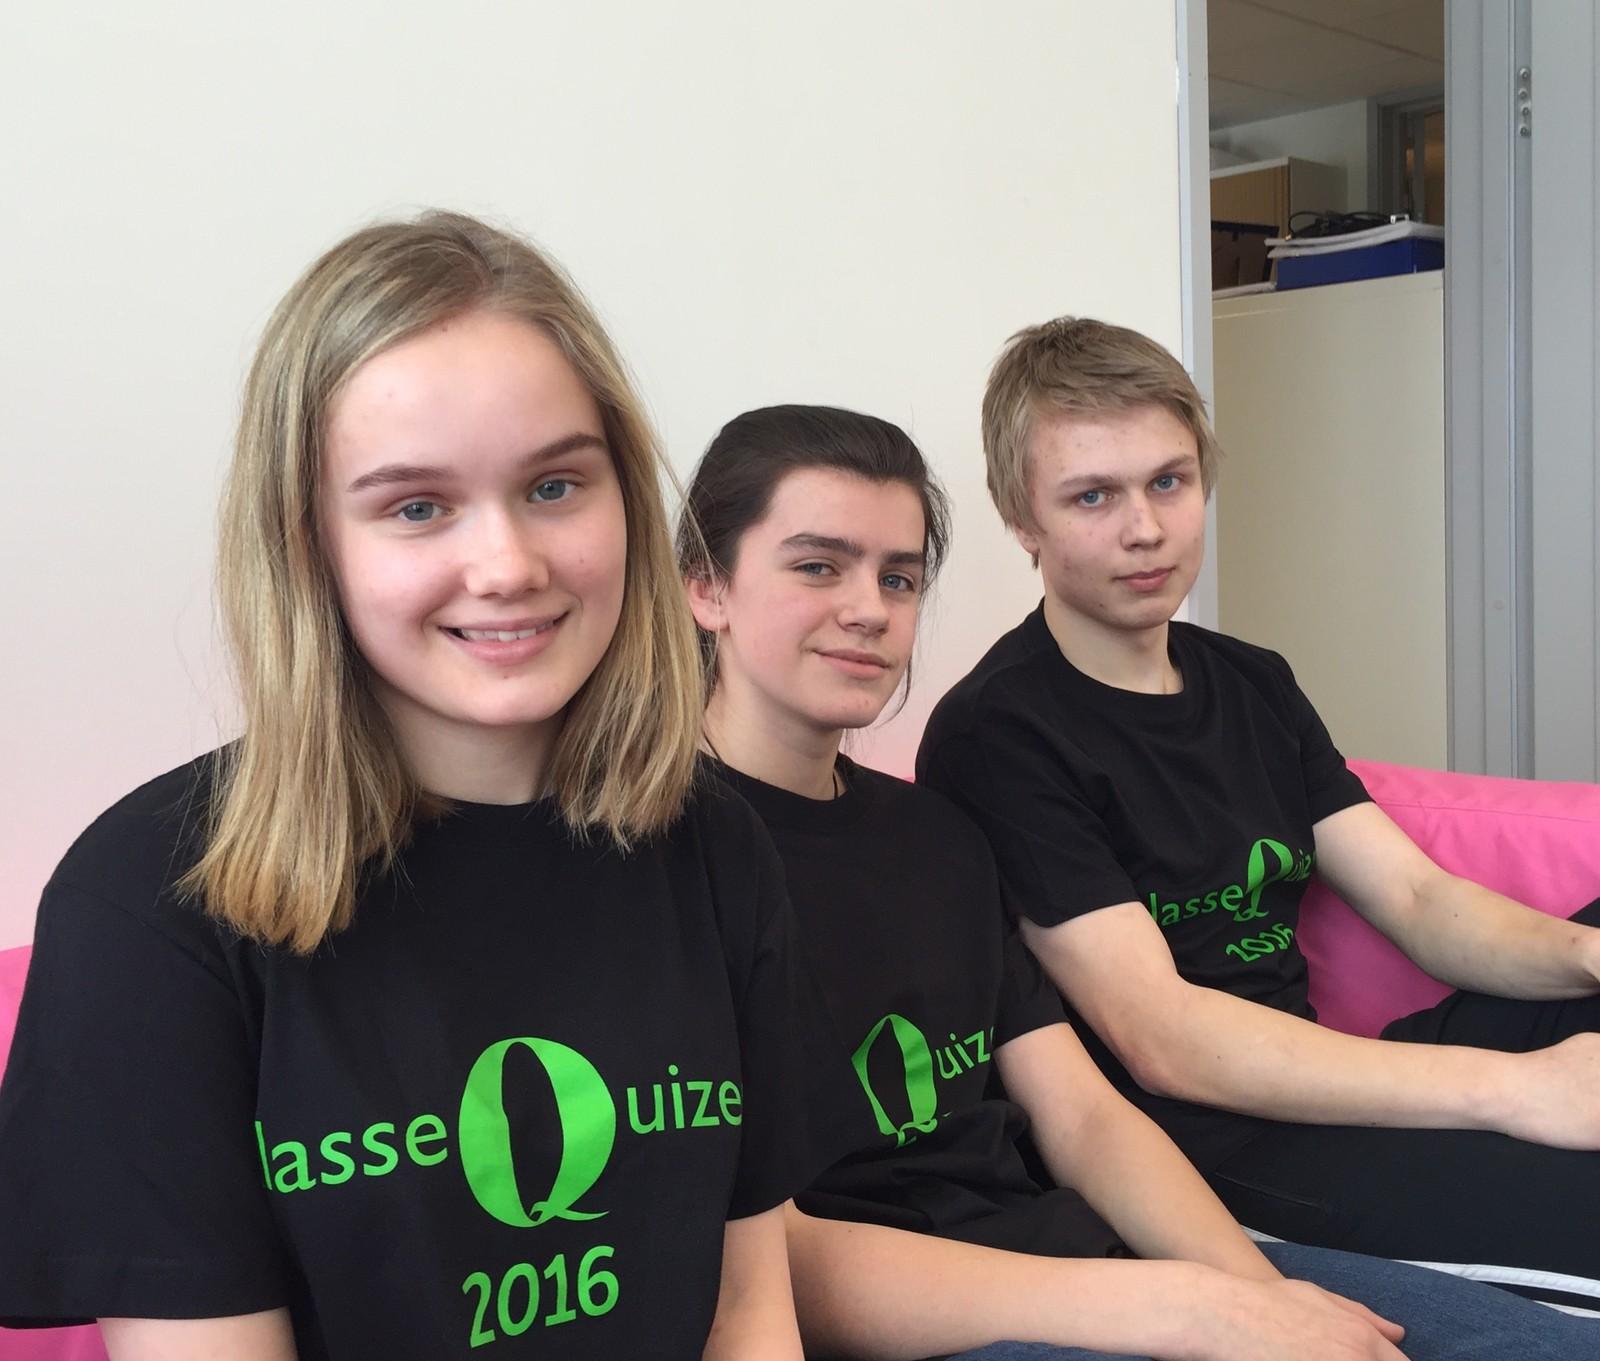 Maja Aune Bardal, Torfinn Olav Granamo Opheim og Marius Skaug fra Snåsa skole fikk 9 poeng.